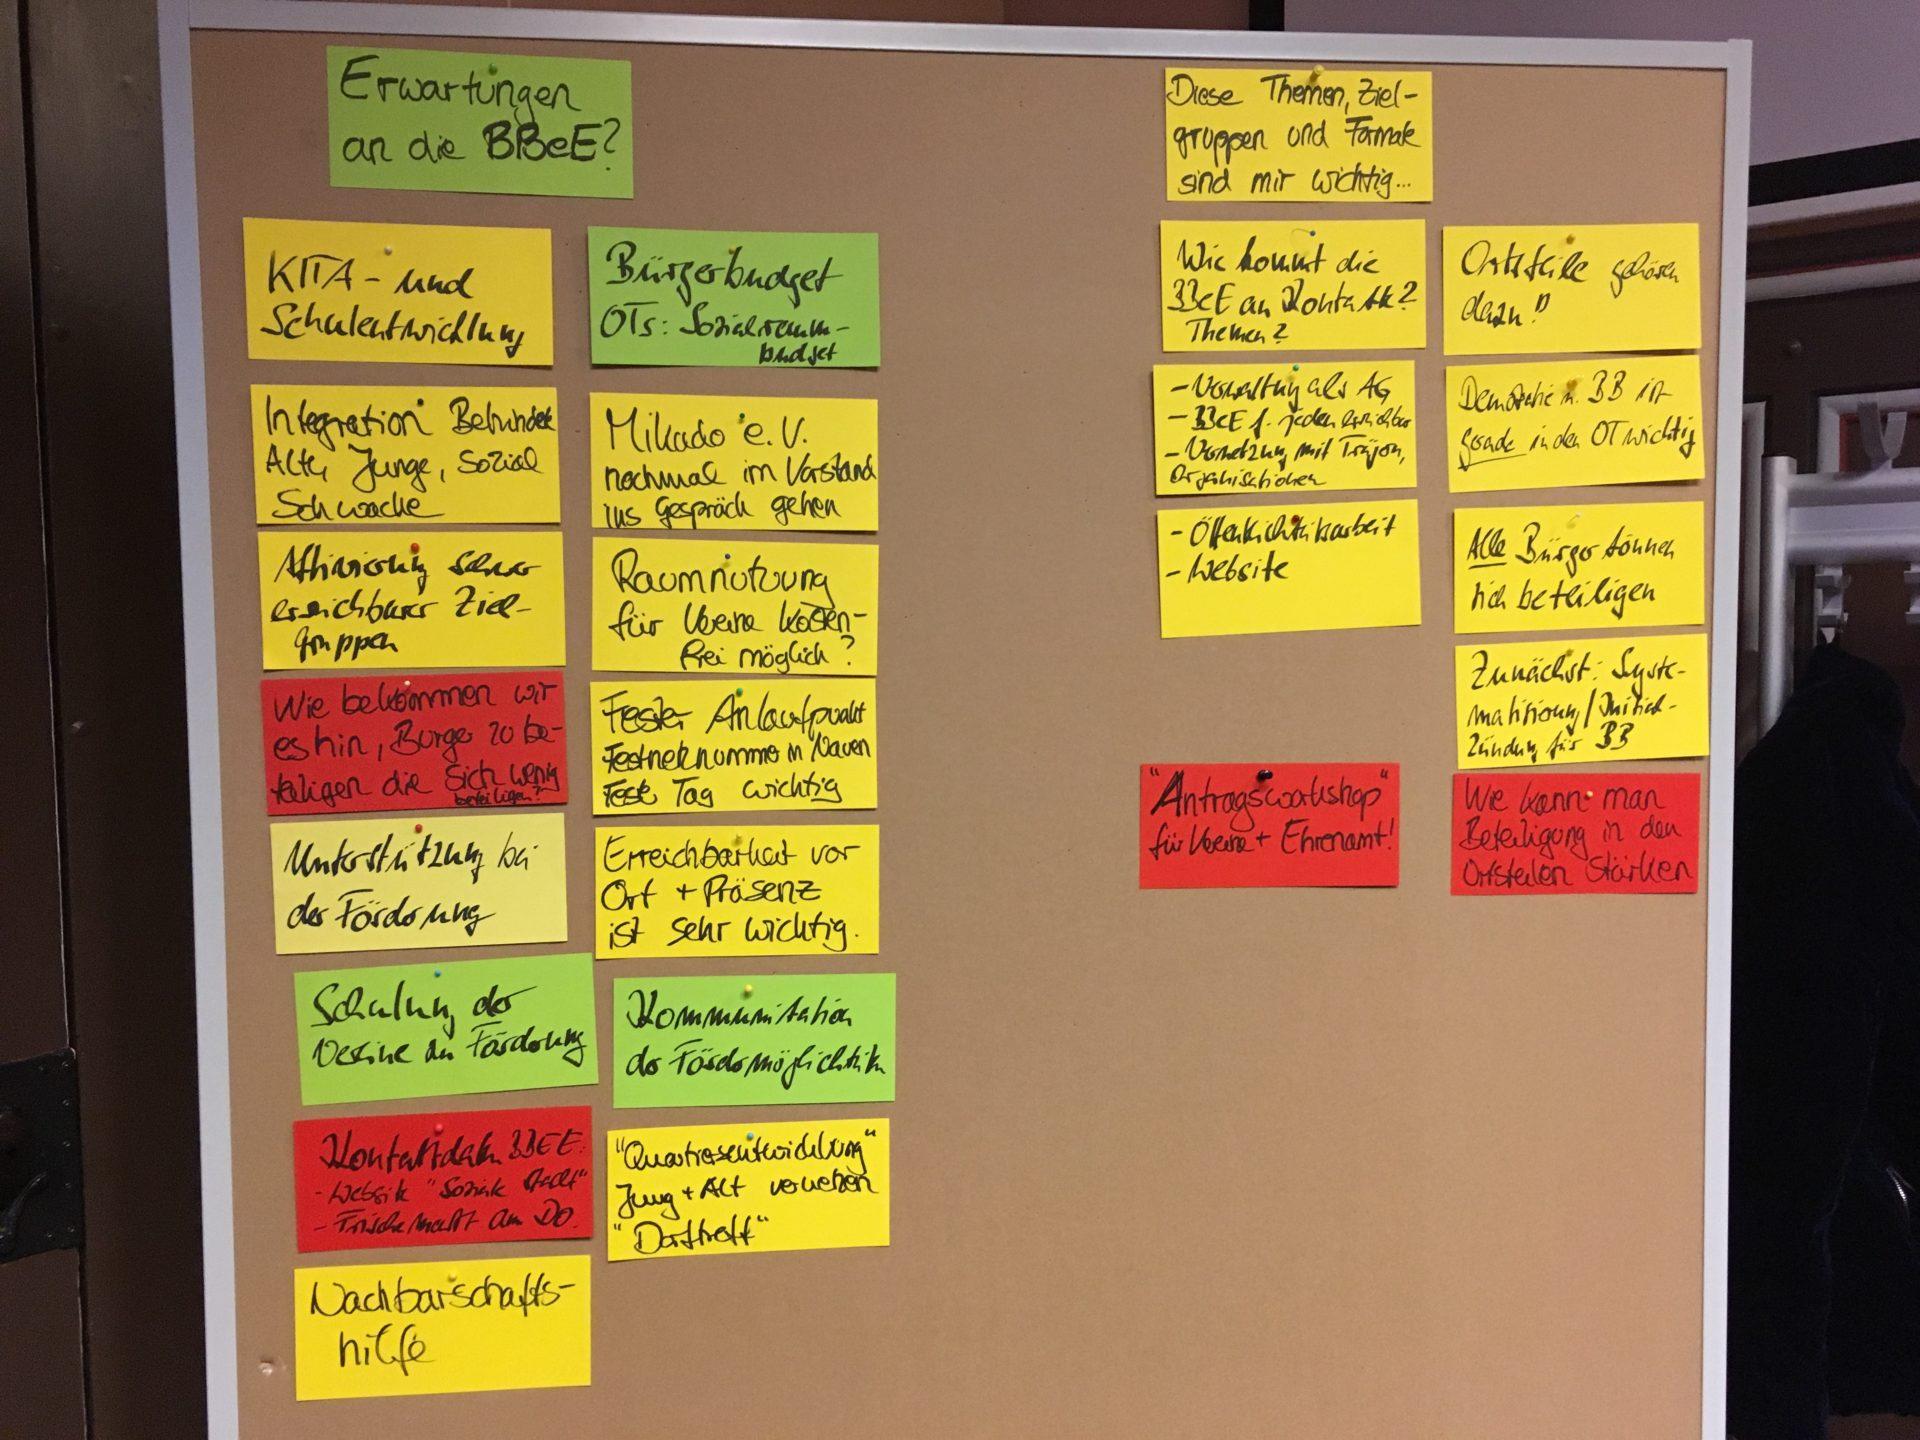 Ergebnisse der Sonderausschusssitzung Bau und Soziales vom 17.09.19, Vorstellung der BBeE